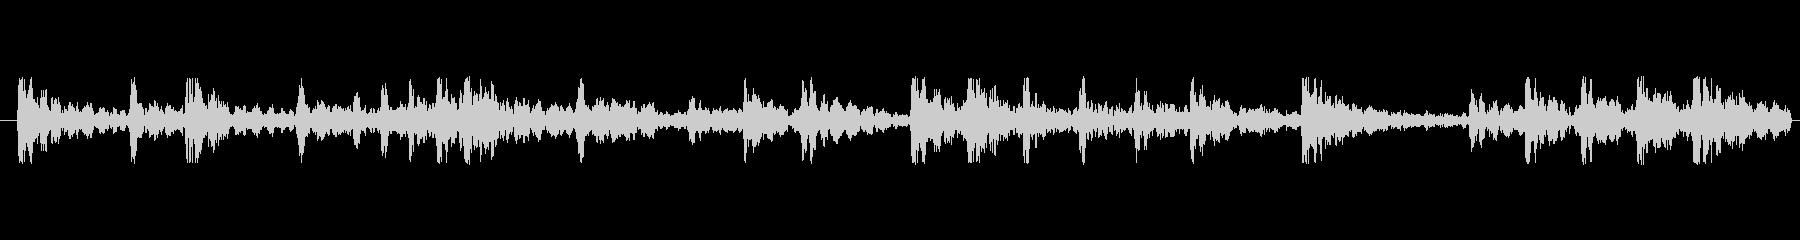 和太鼓リズムのみ音源のリバーブあり音源…の未再生の波形